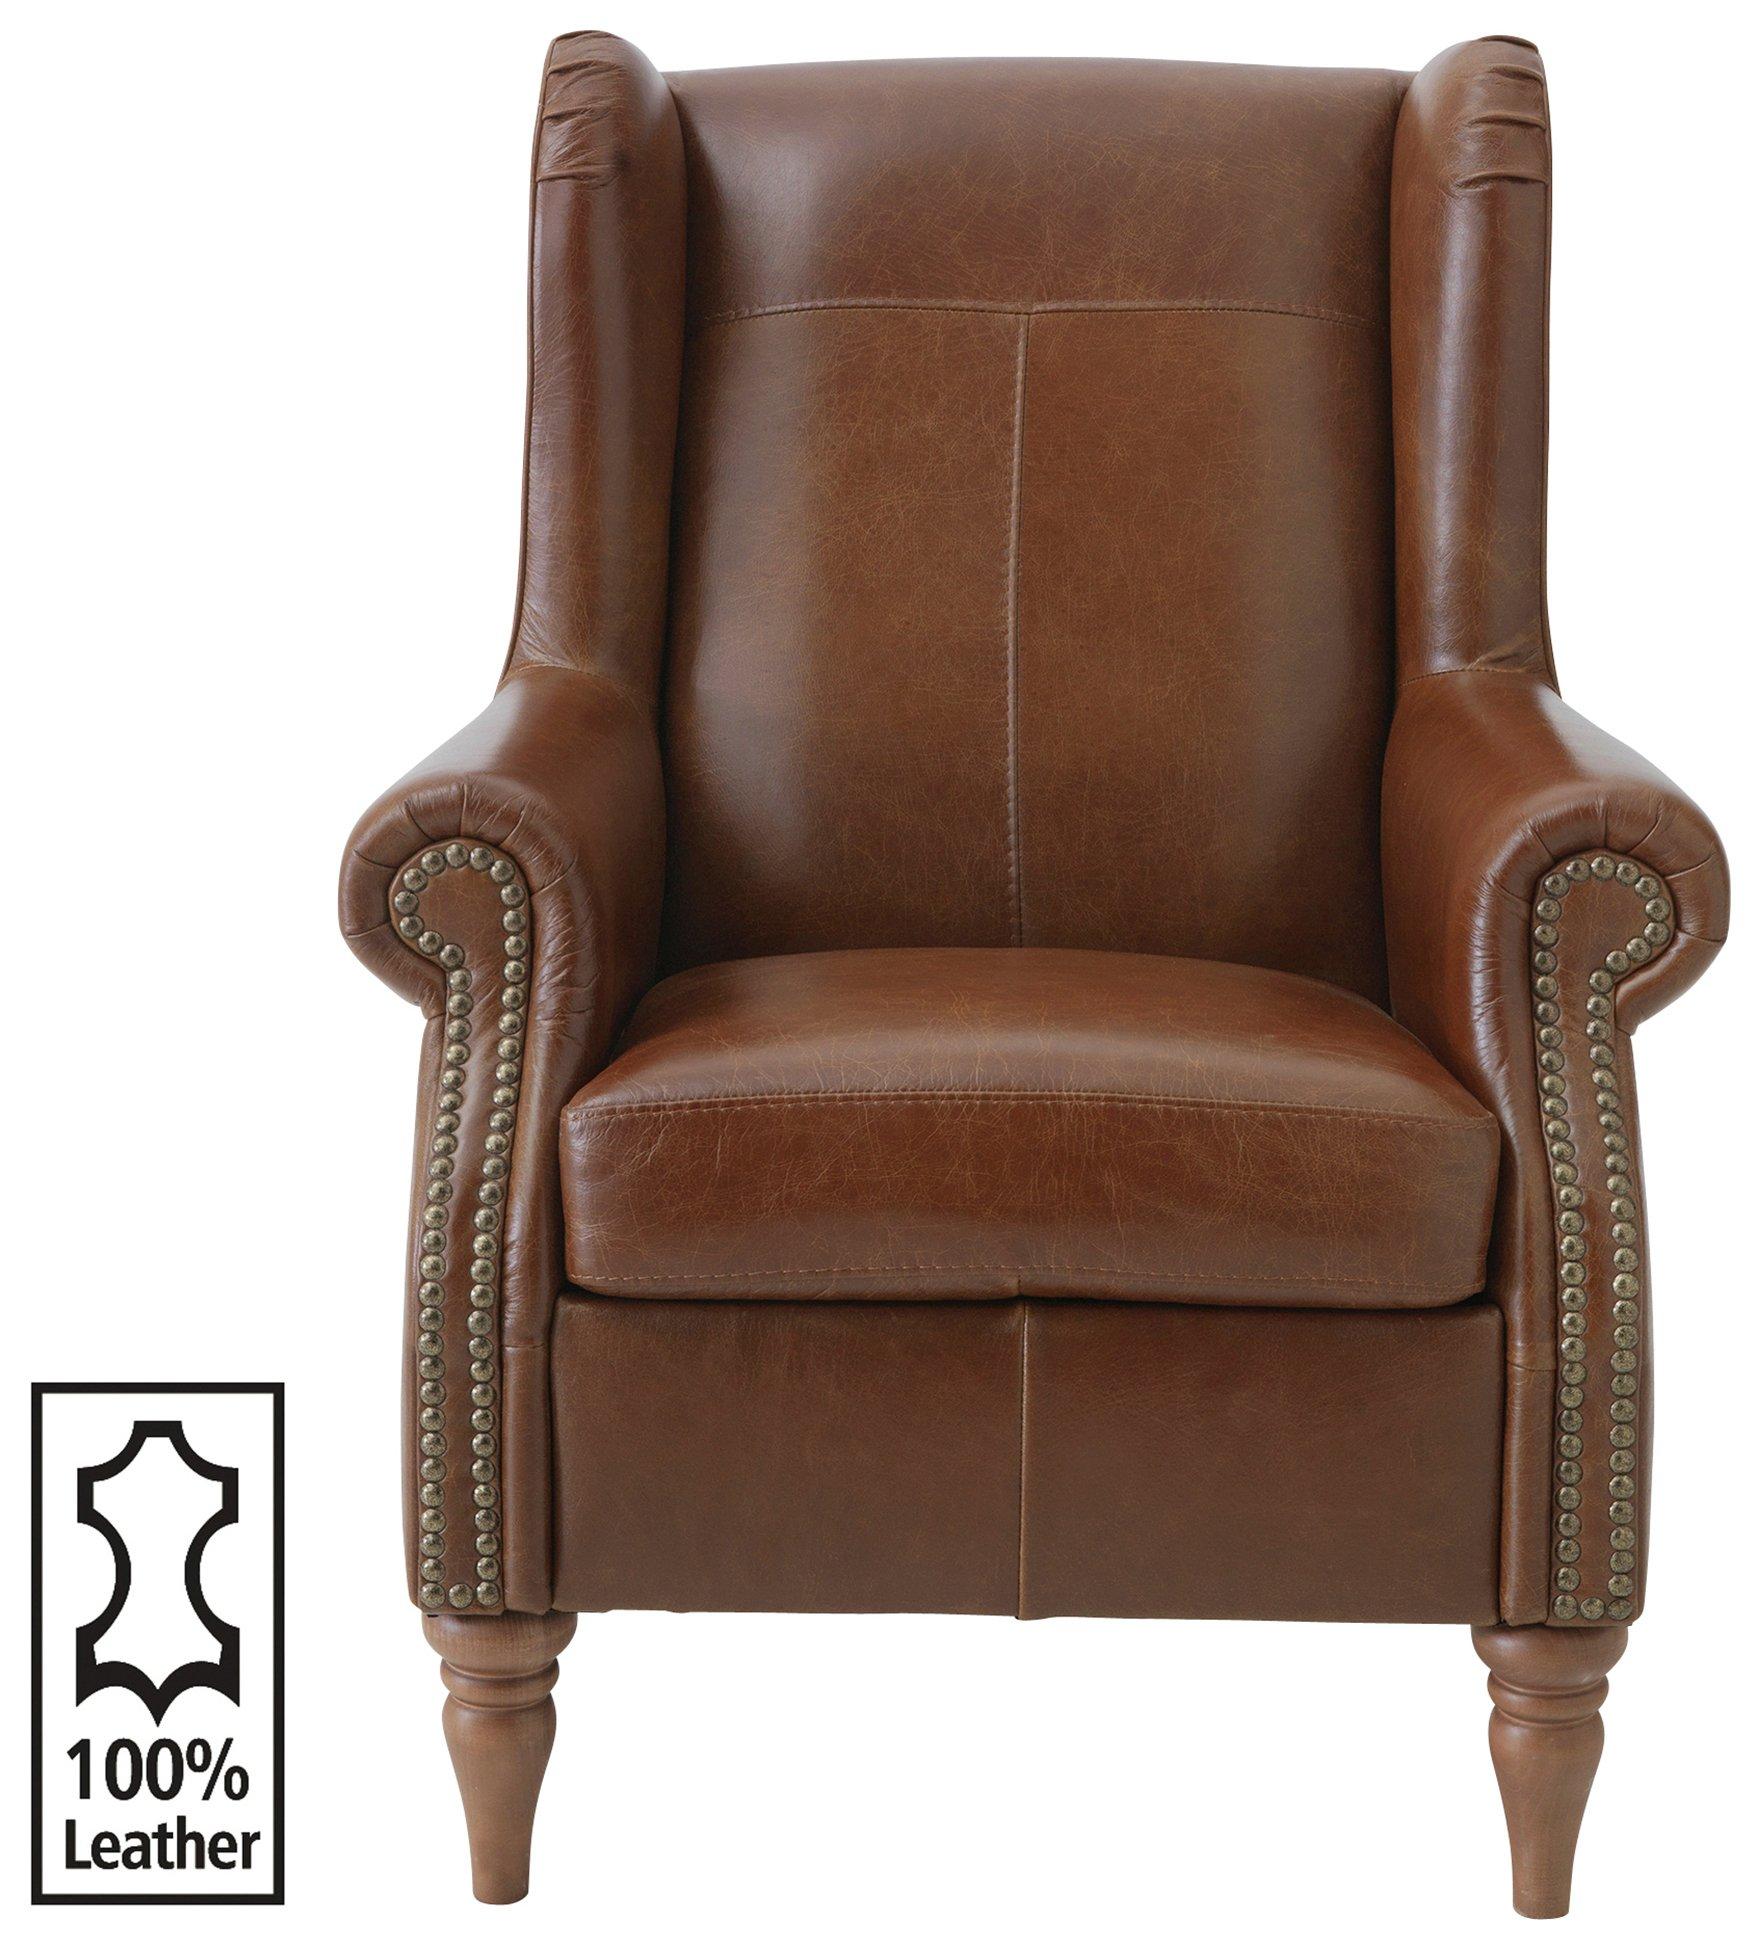 Argos Home Argyll Studded Leather Chair - Tan